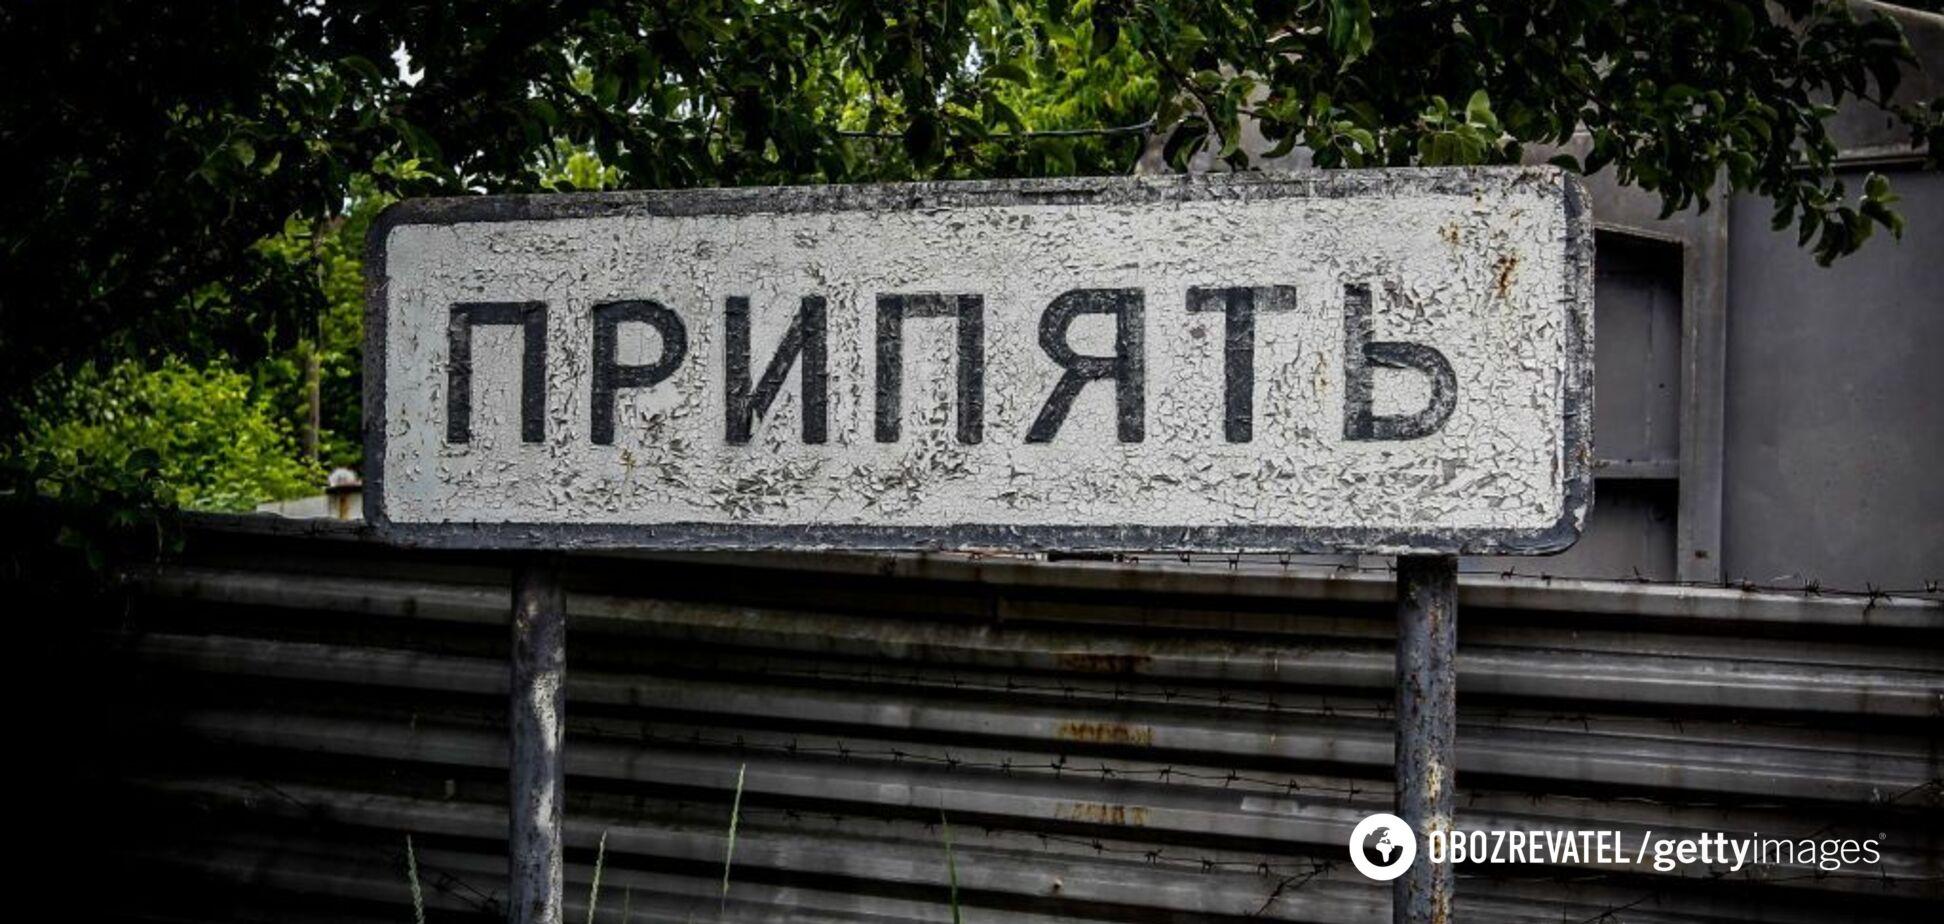 Ликвидатор аварии на ЧАЭС покончил с собой после просмотра сериала 'Чернобыль'